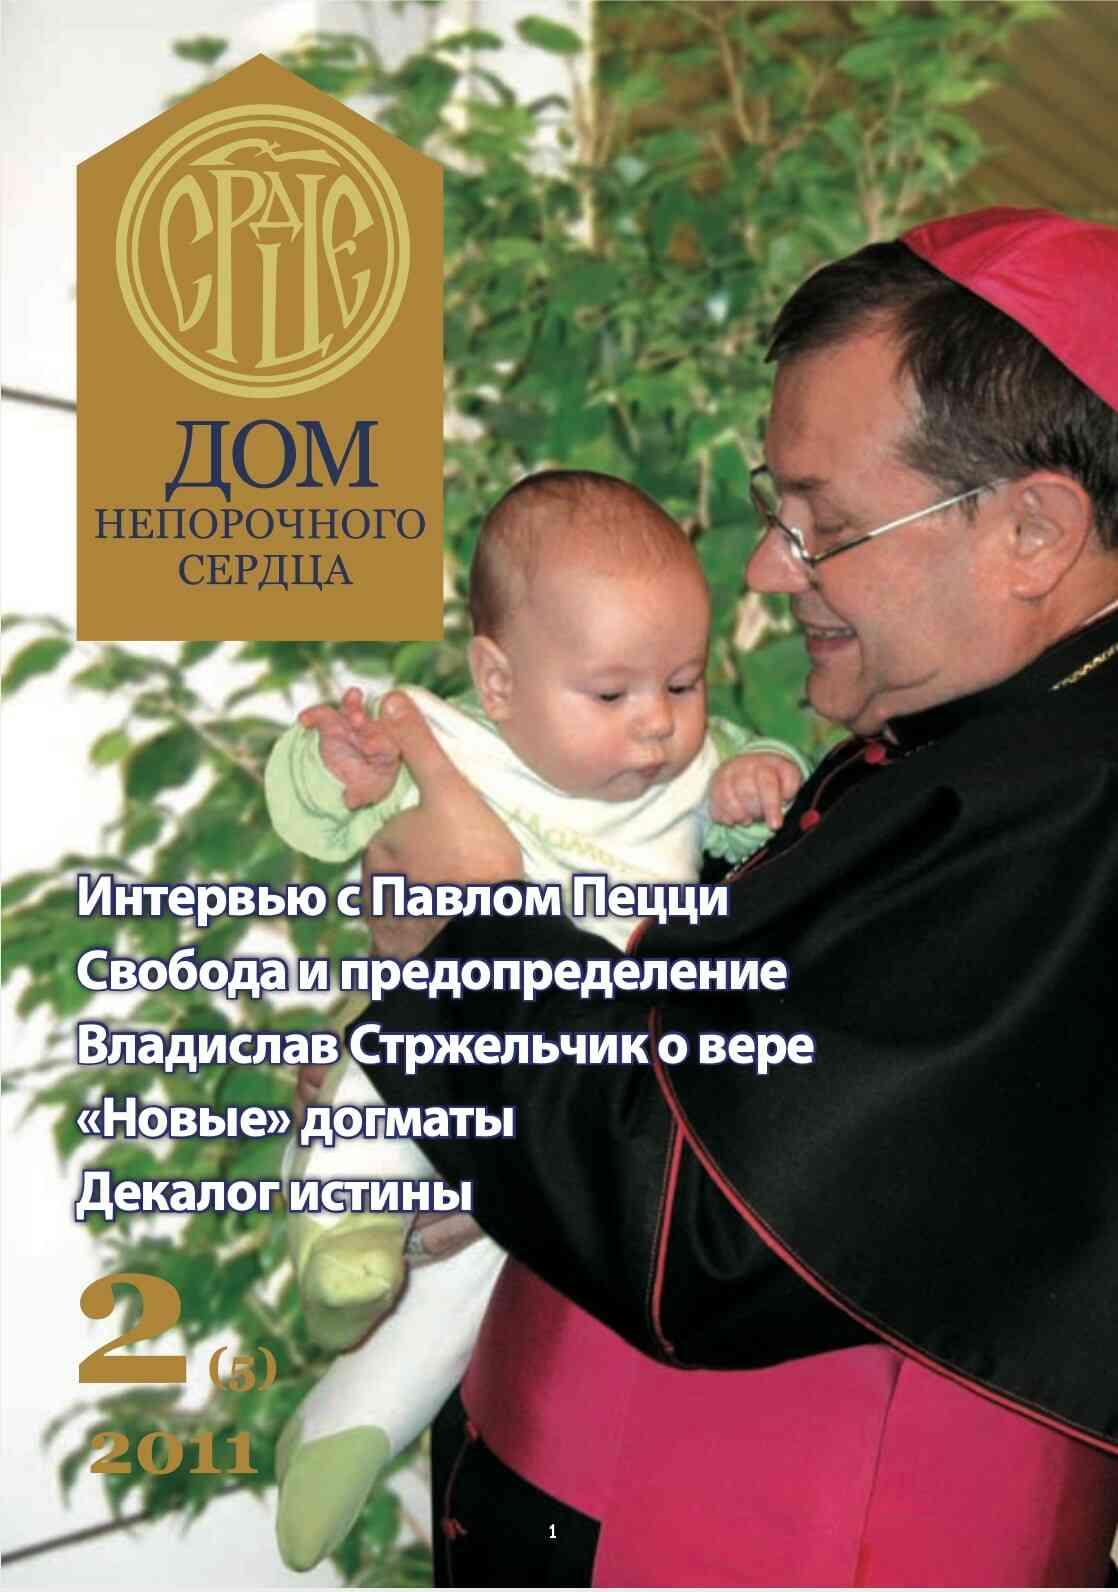 Журнал «Дом Непорочного Сердца» № 2 (5) 2011 год